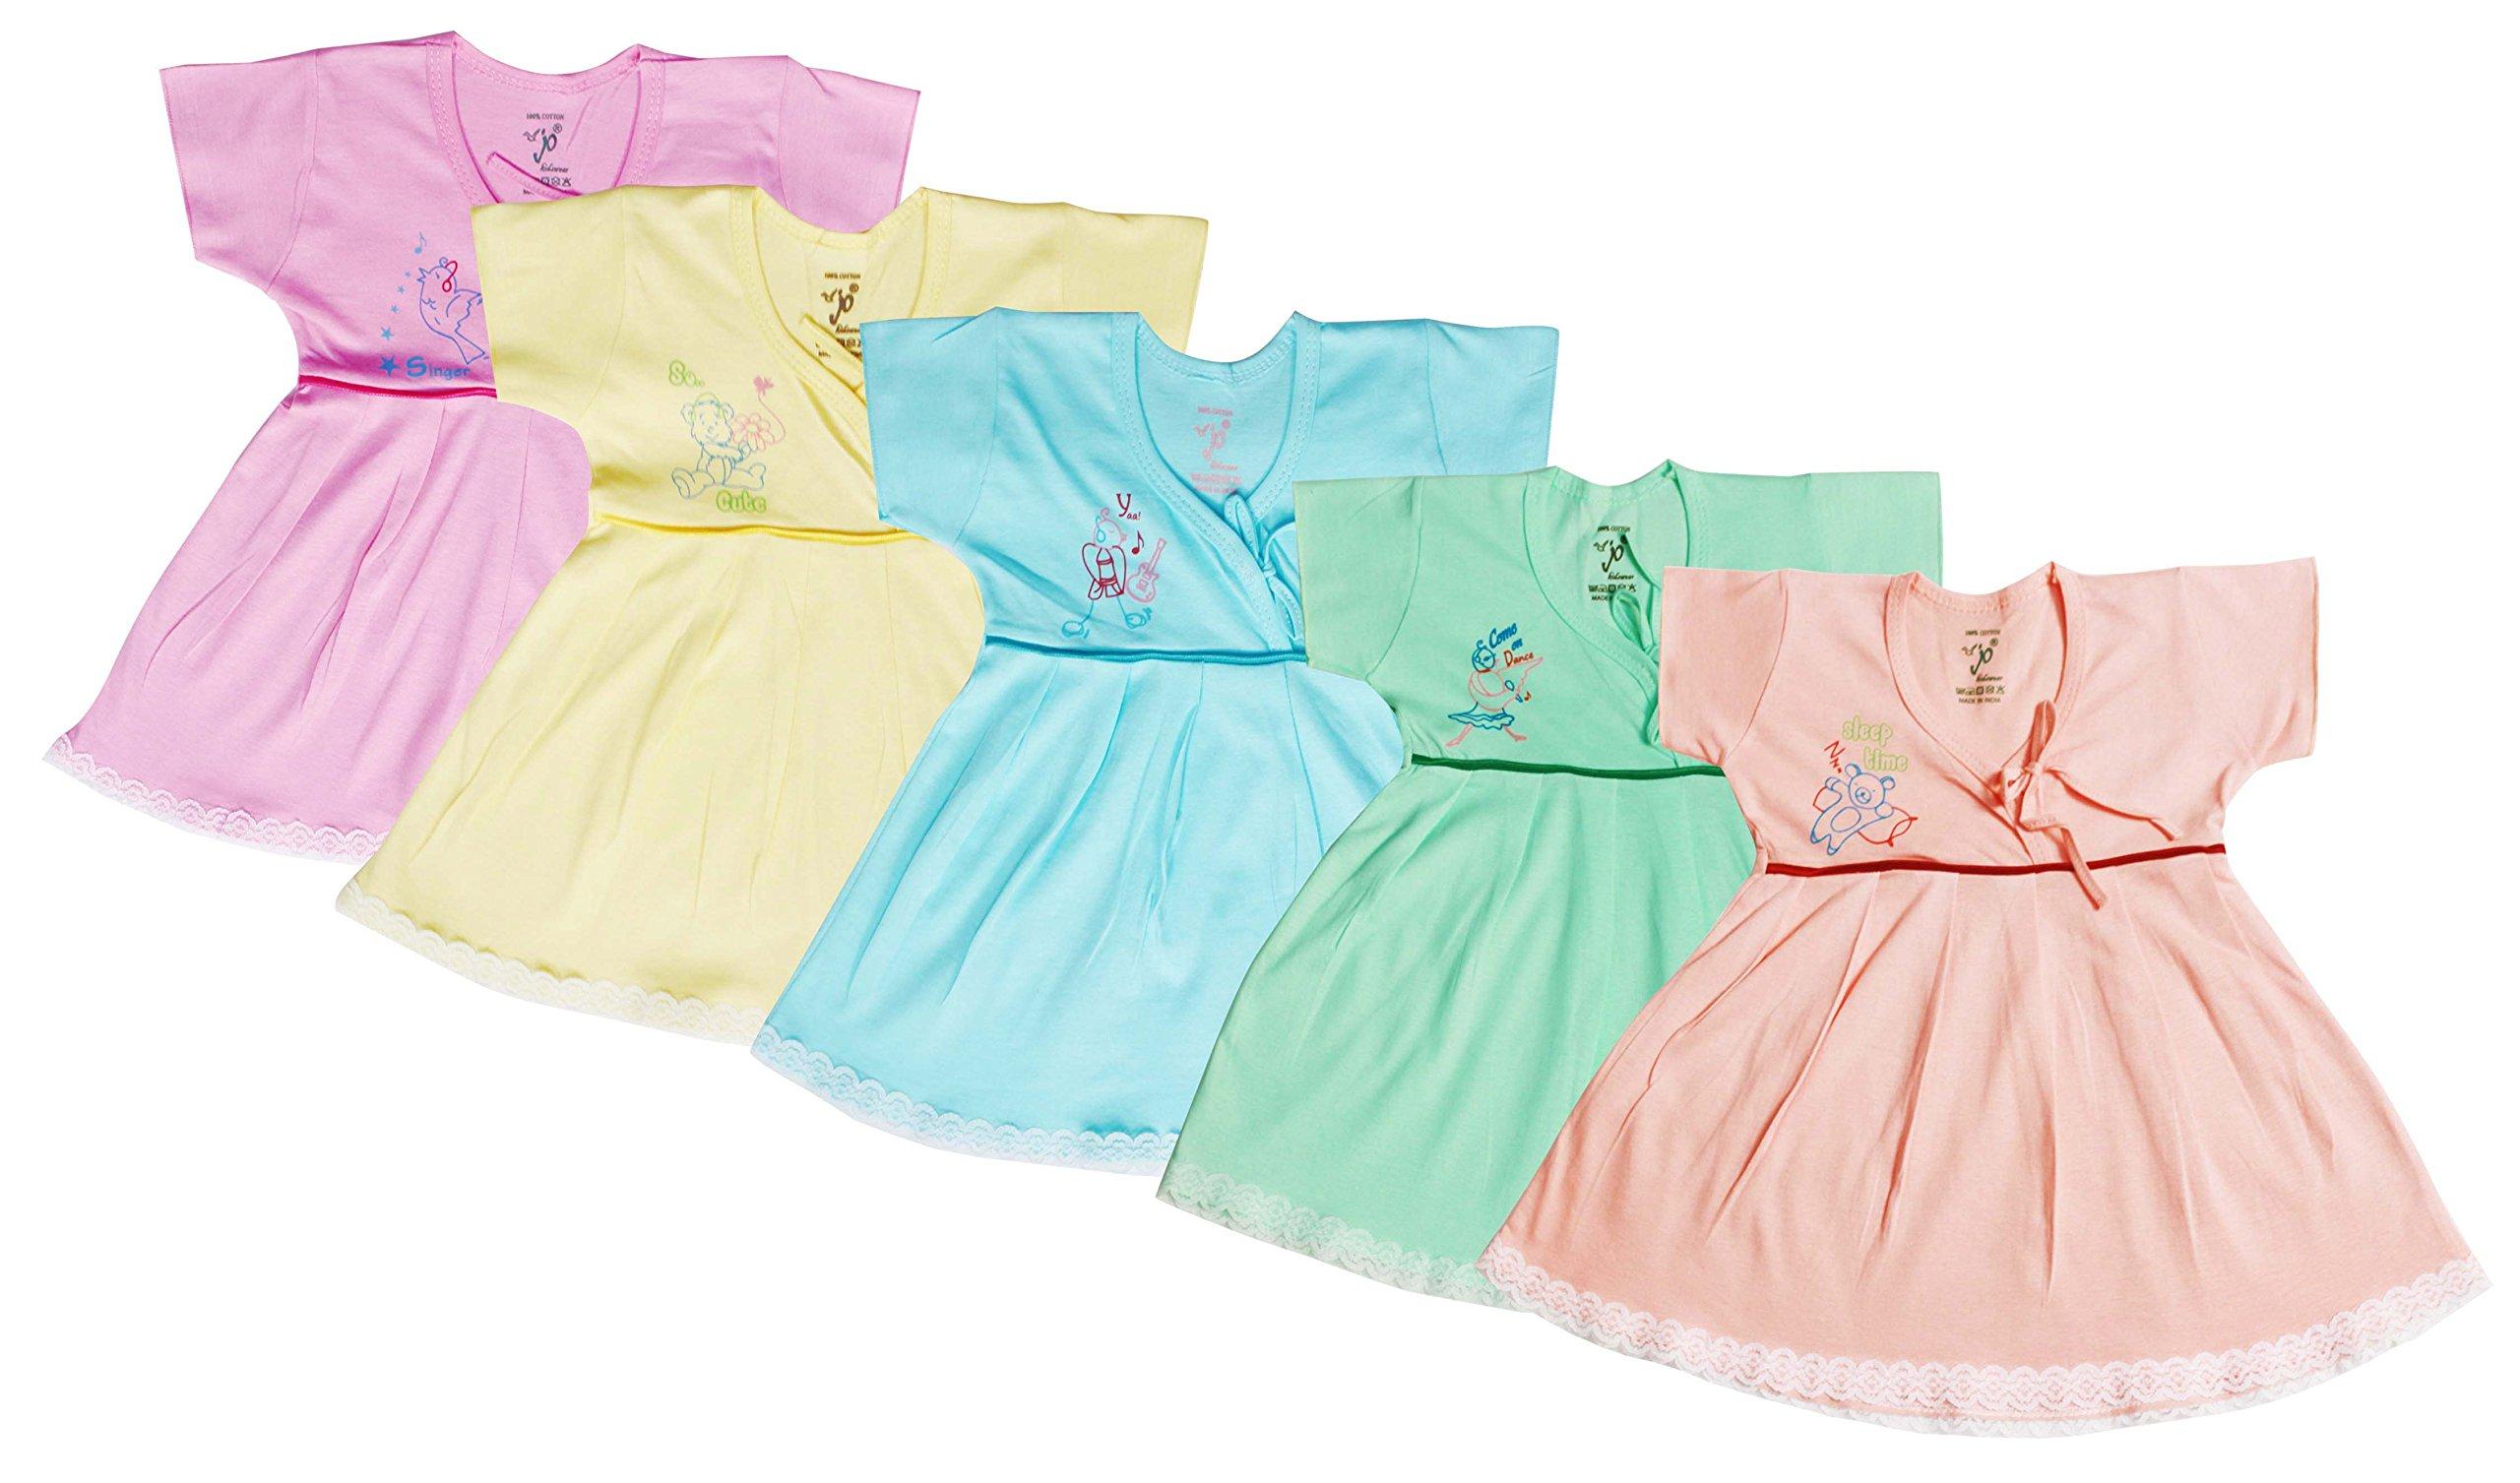 7c36e3f8a294 Jo Kids Wear Baby Girls Frock Set (4015_Multicolour_0 - 3 Months)